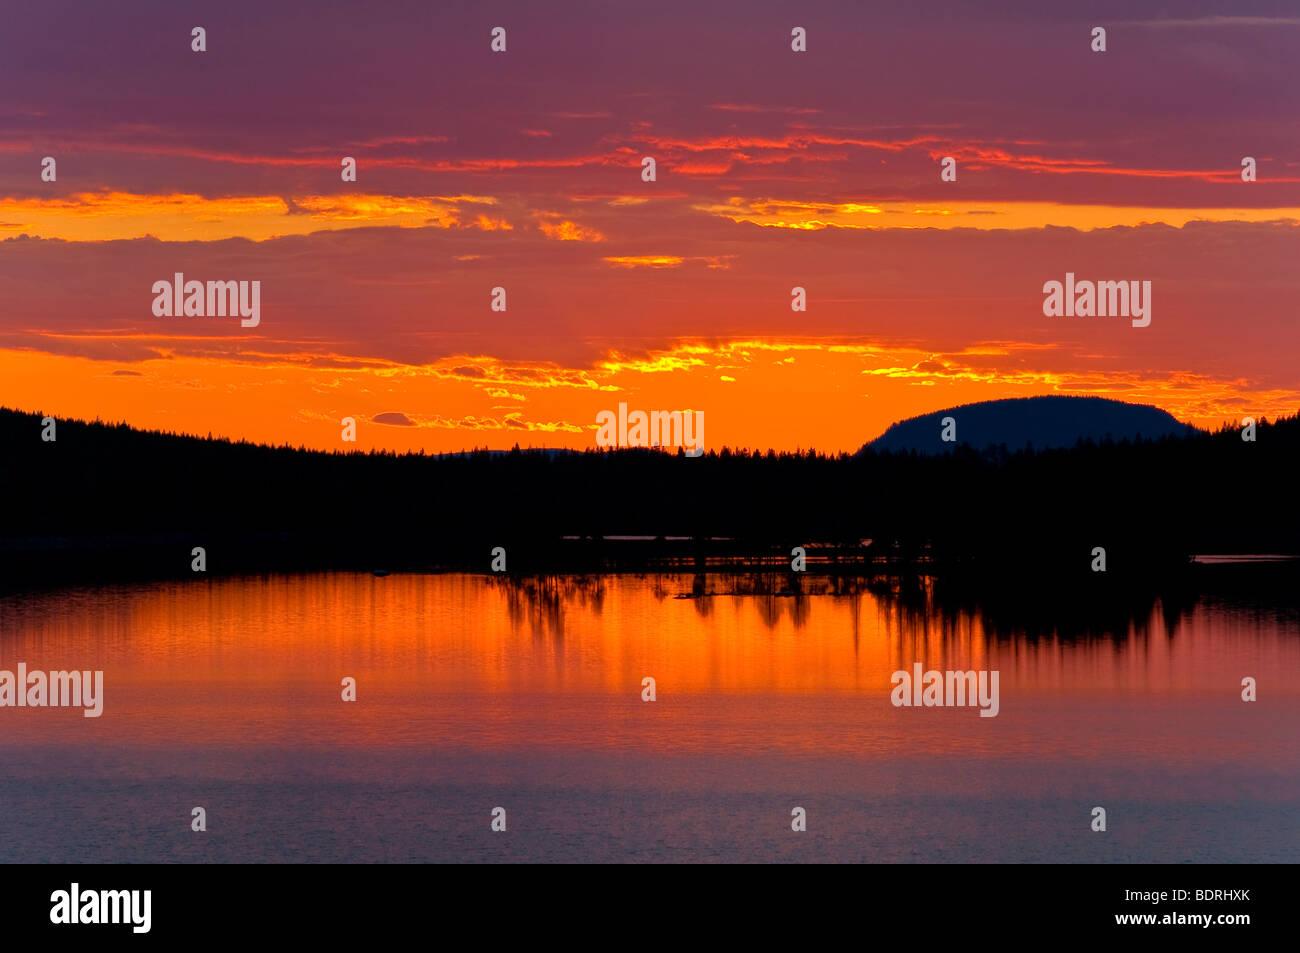 abendstimmung an einem see bei arjeplog, lappland, schweden, evening mood at lake near arjeplog, lapland, sweden Stock Photo